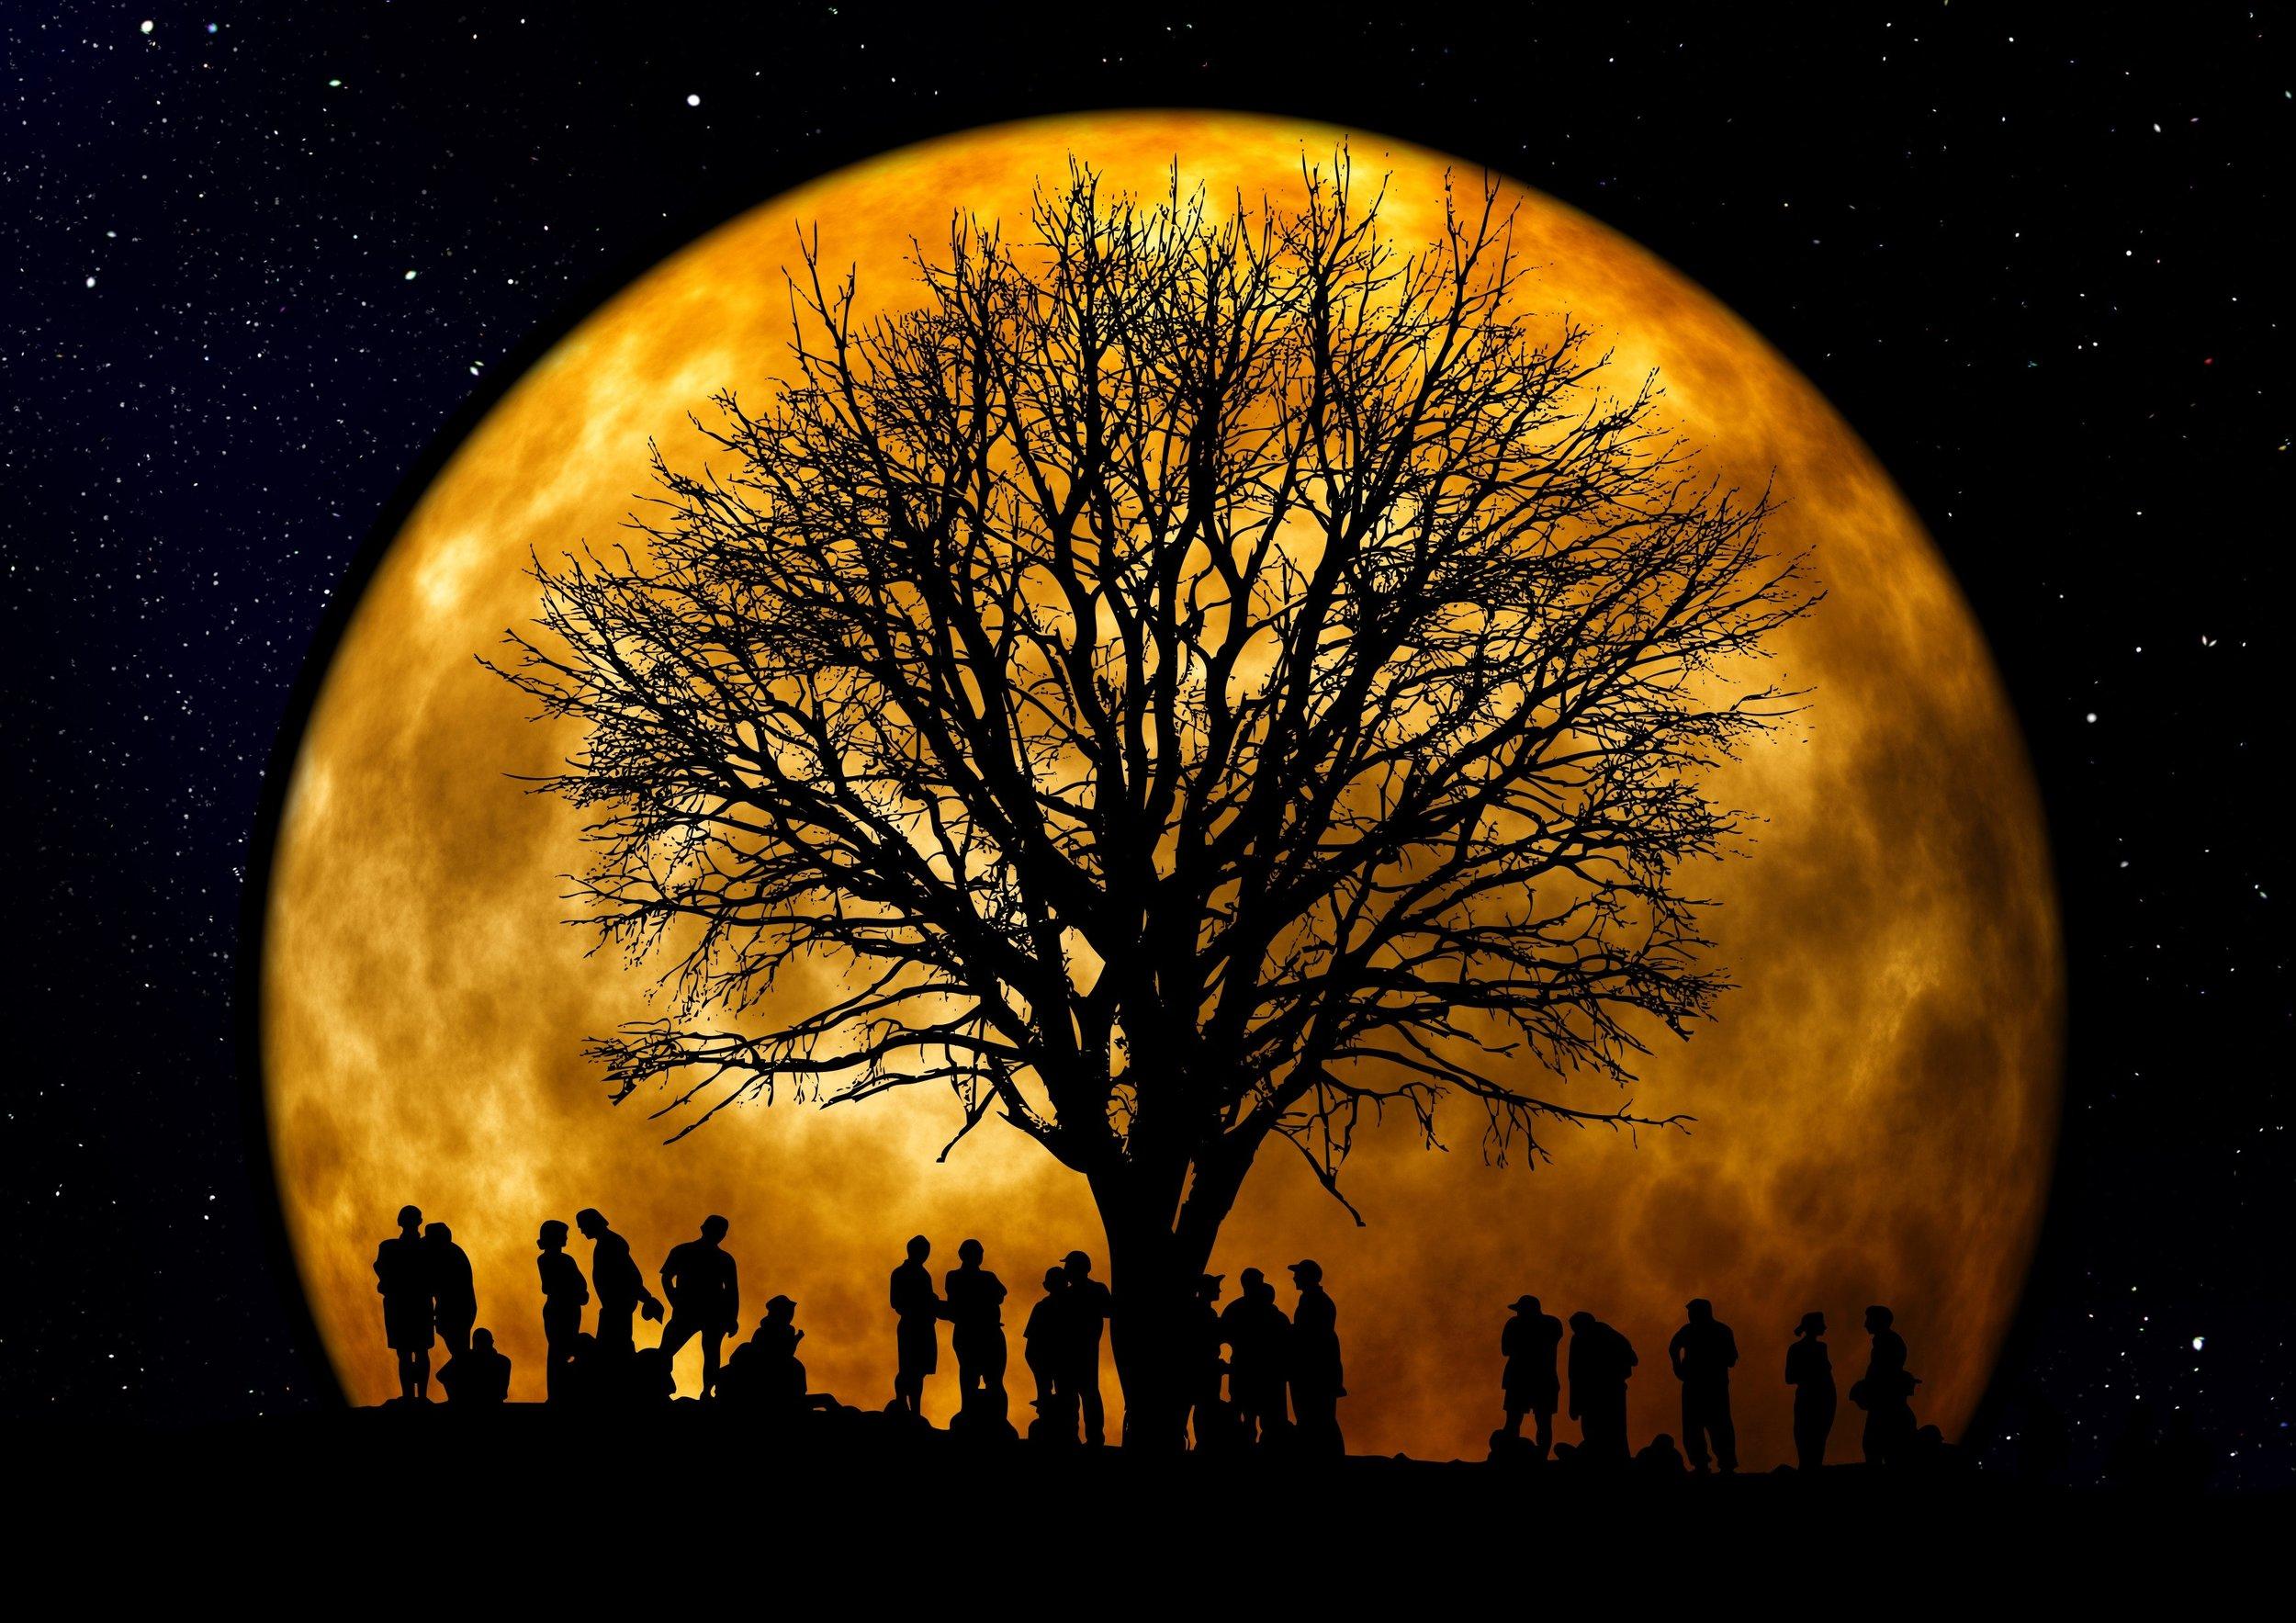 community-dark-full-moon-22138